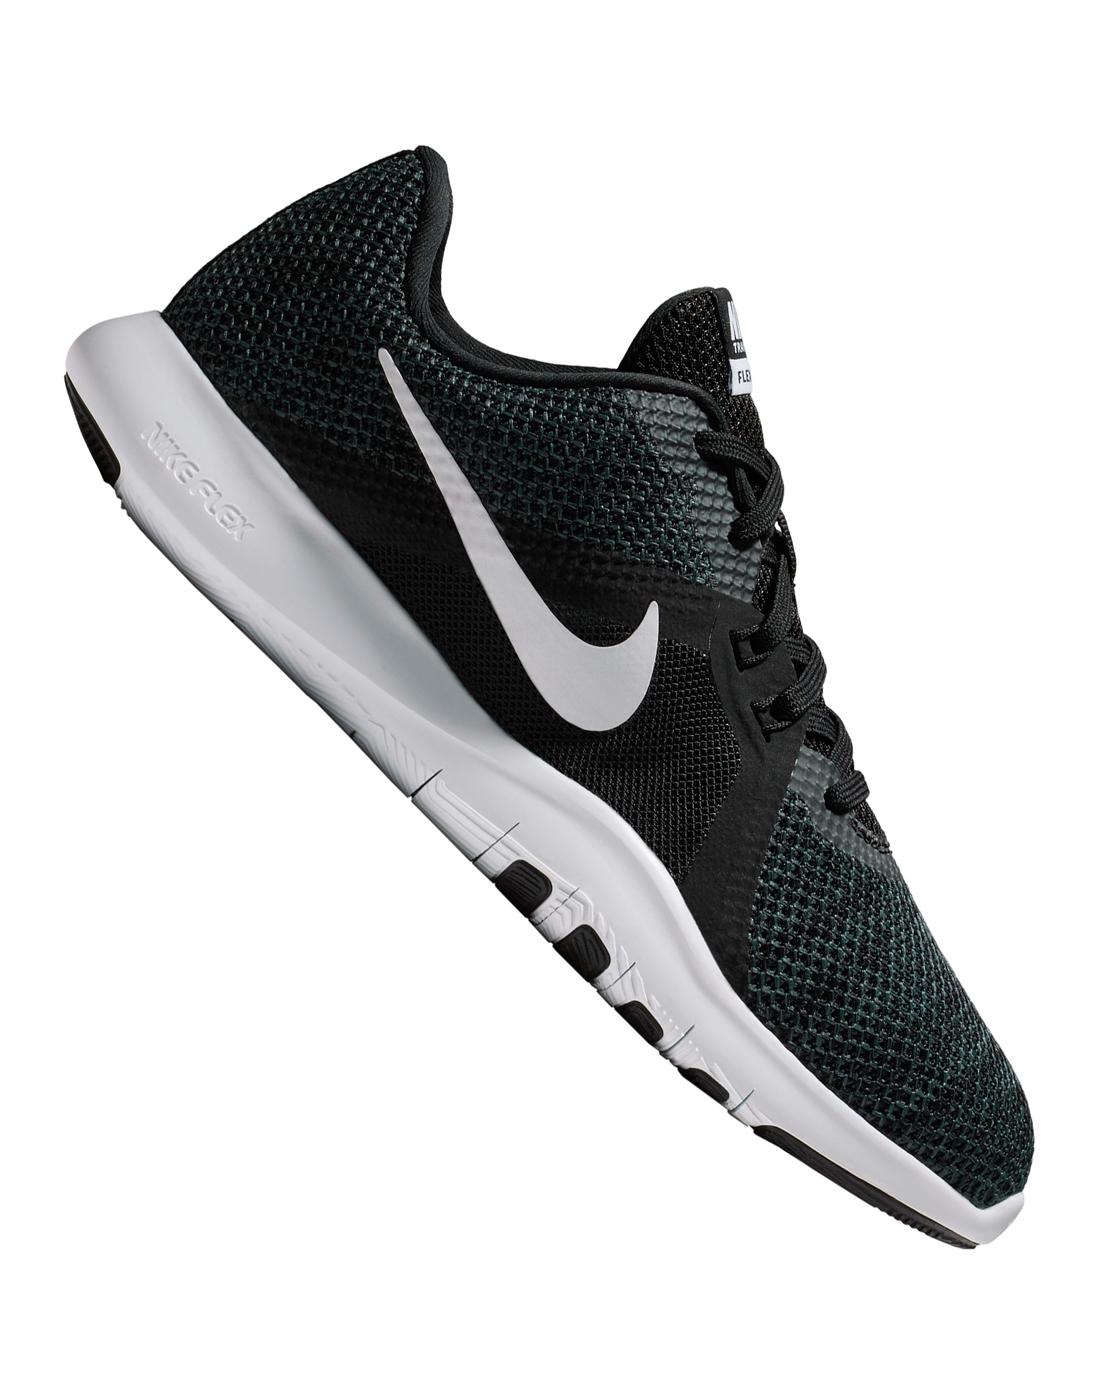 9a898a880f93 Nike Womens Flex TR 8